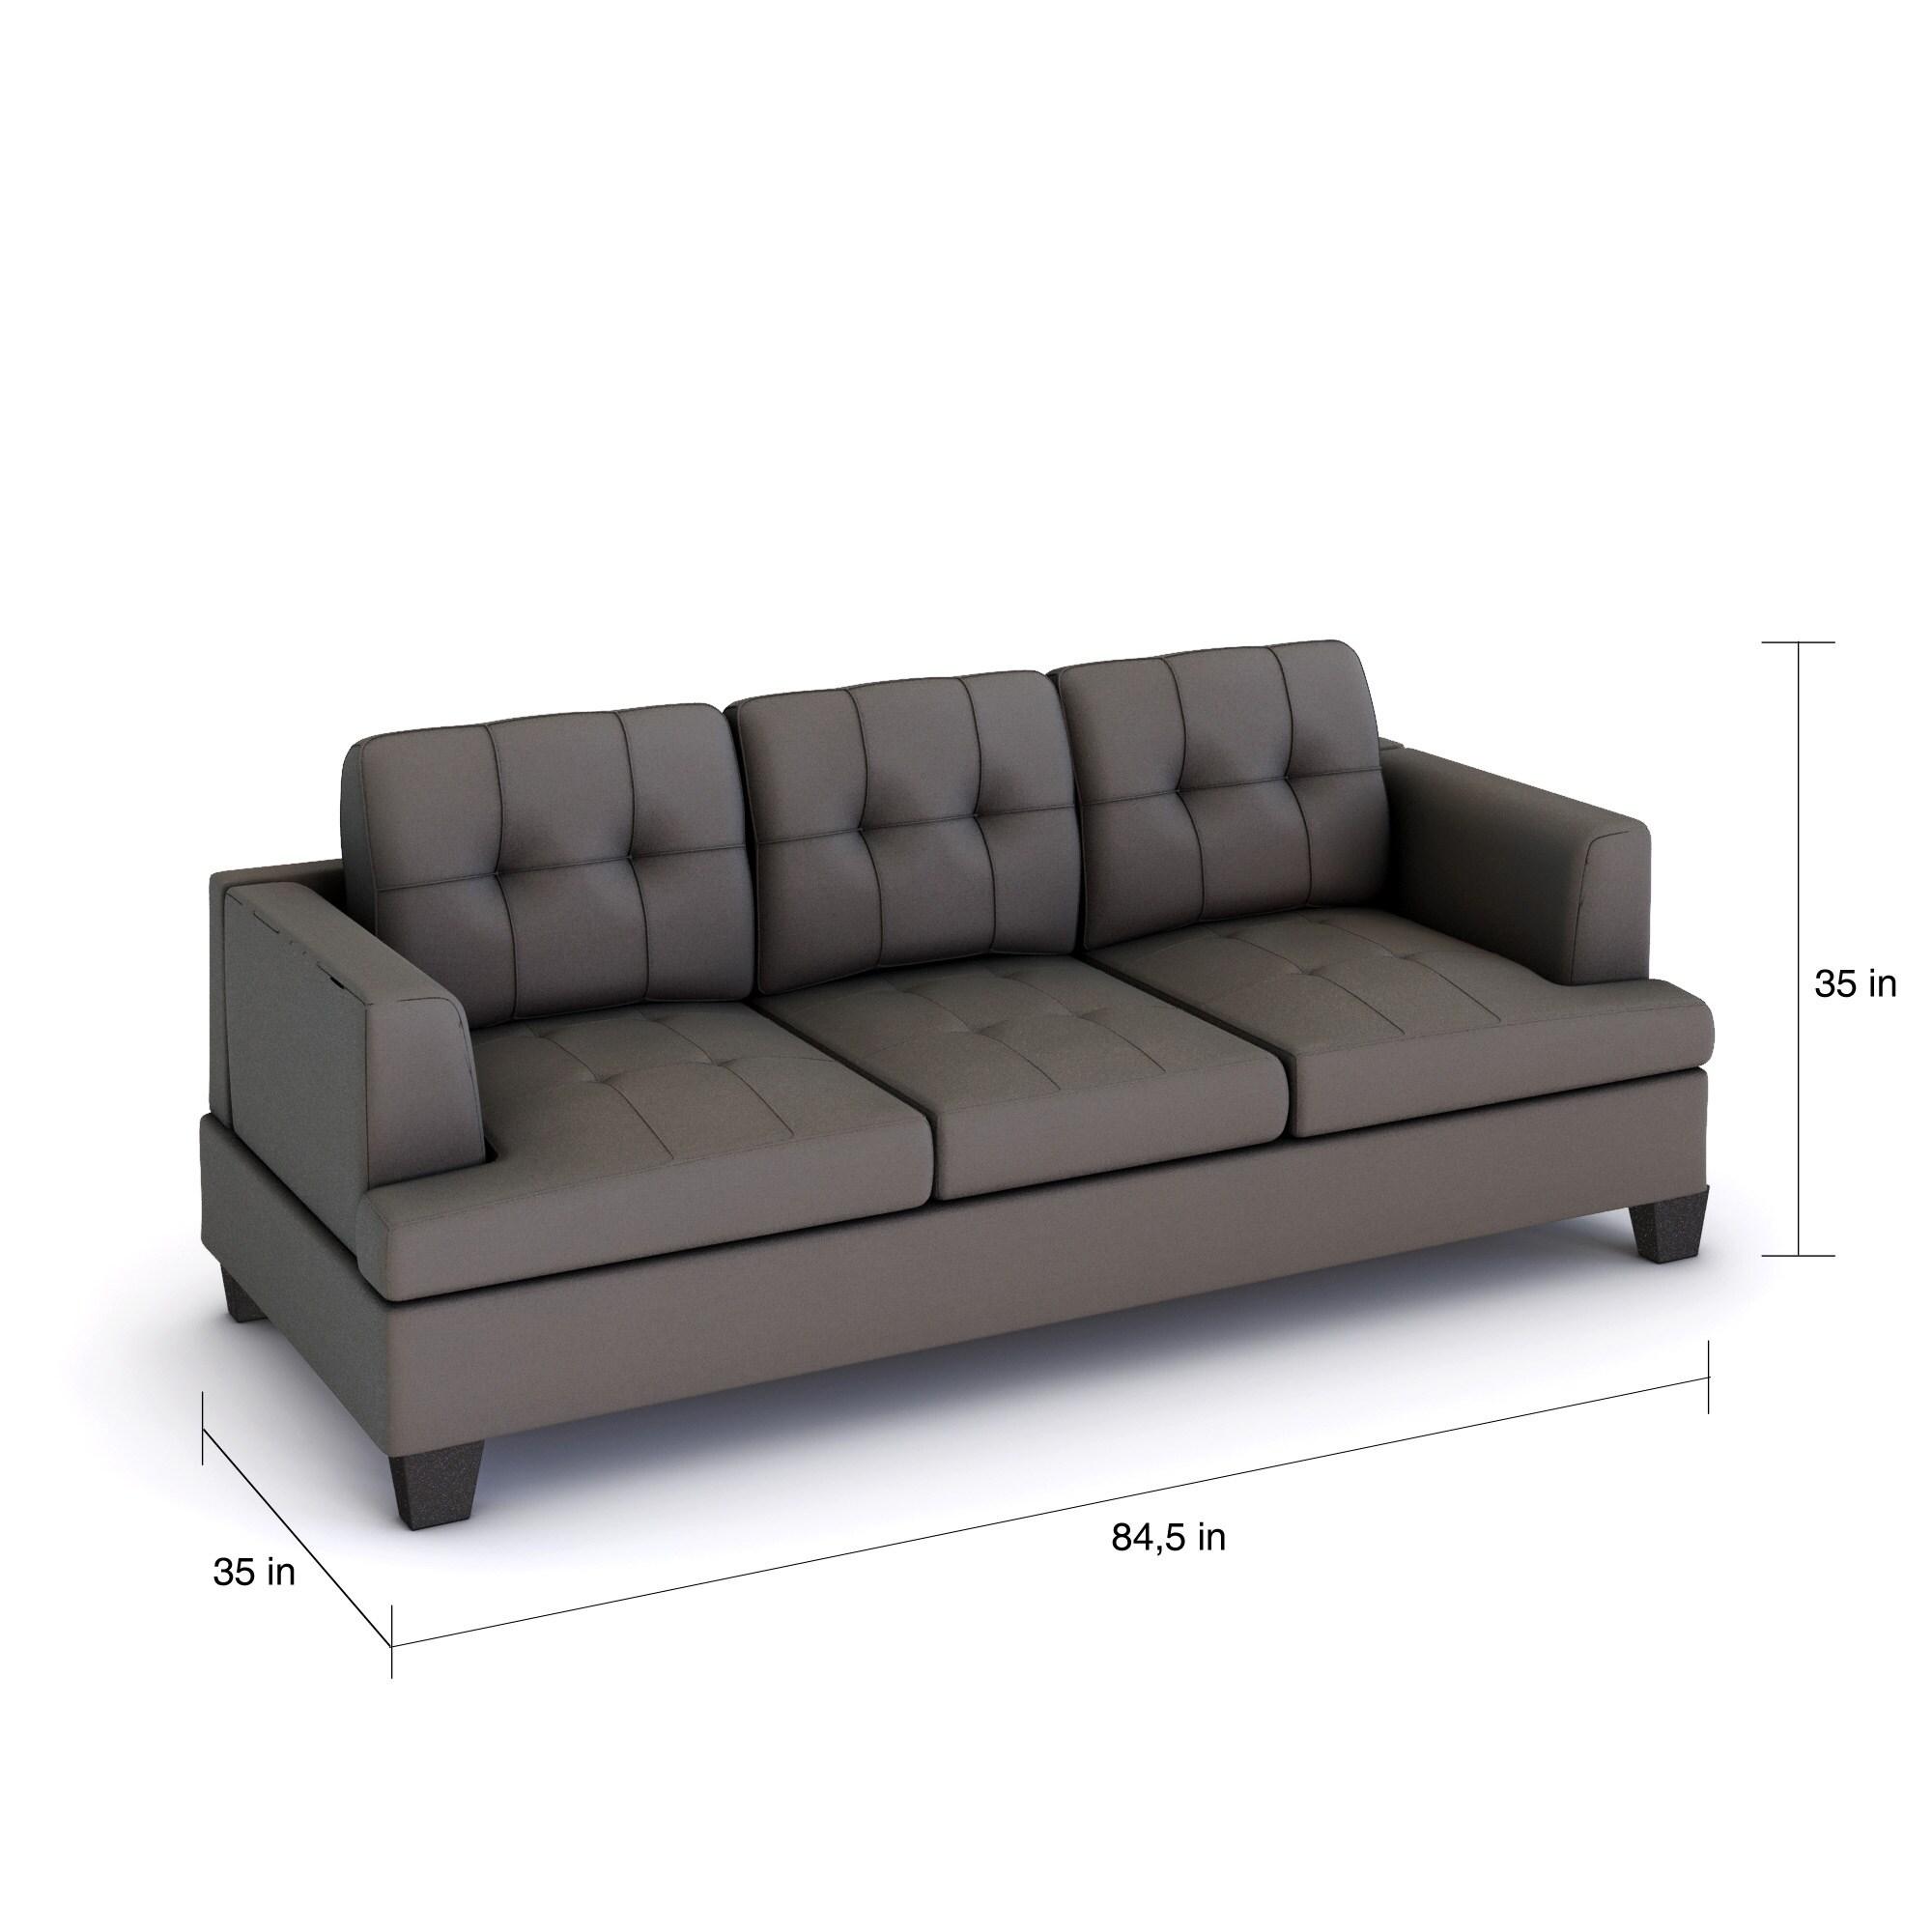 Porch Den Delmar Loop Westgate Grey Microfiber Contemporary Sofa Free Shipping Today Com 19575654